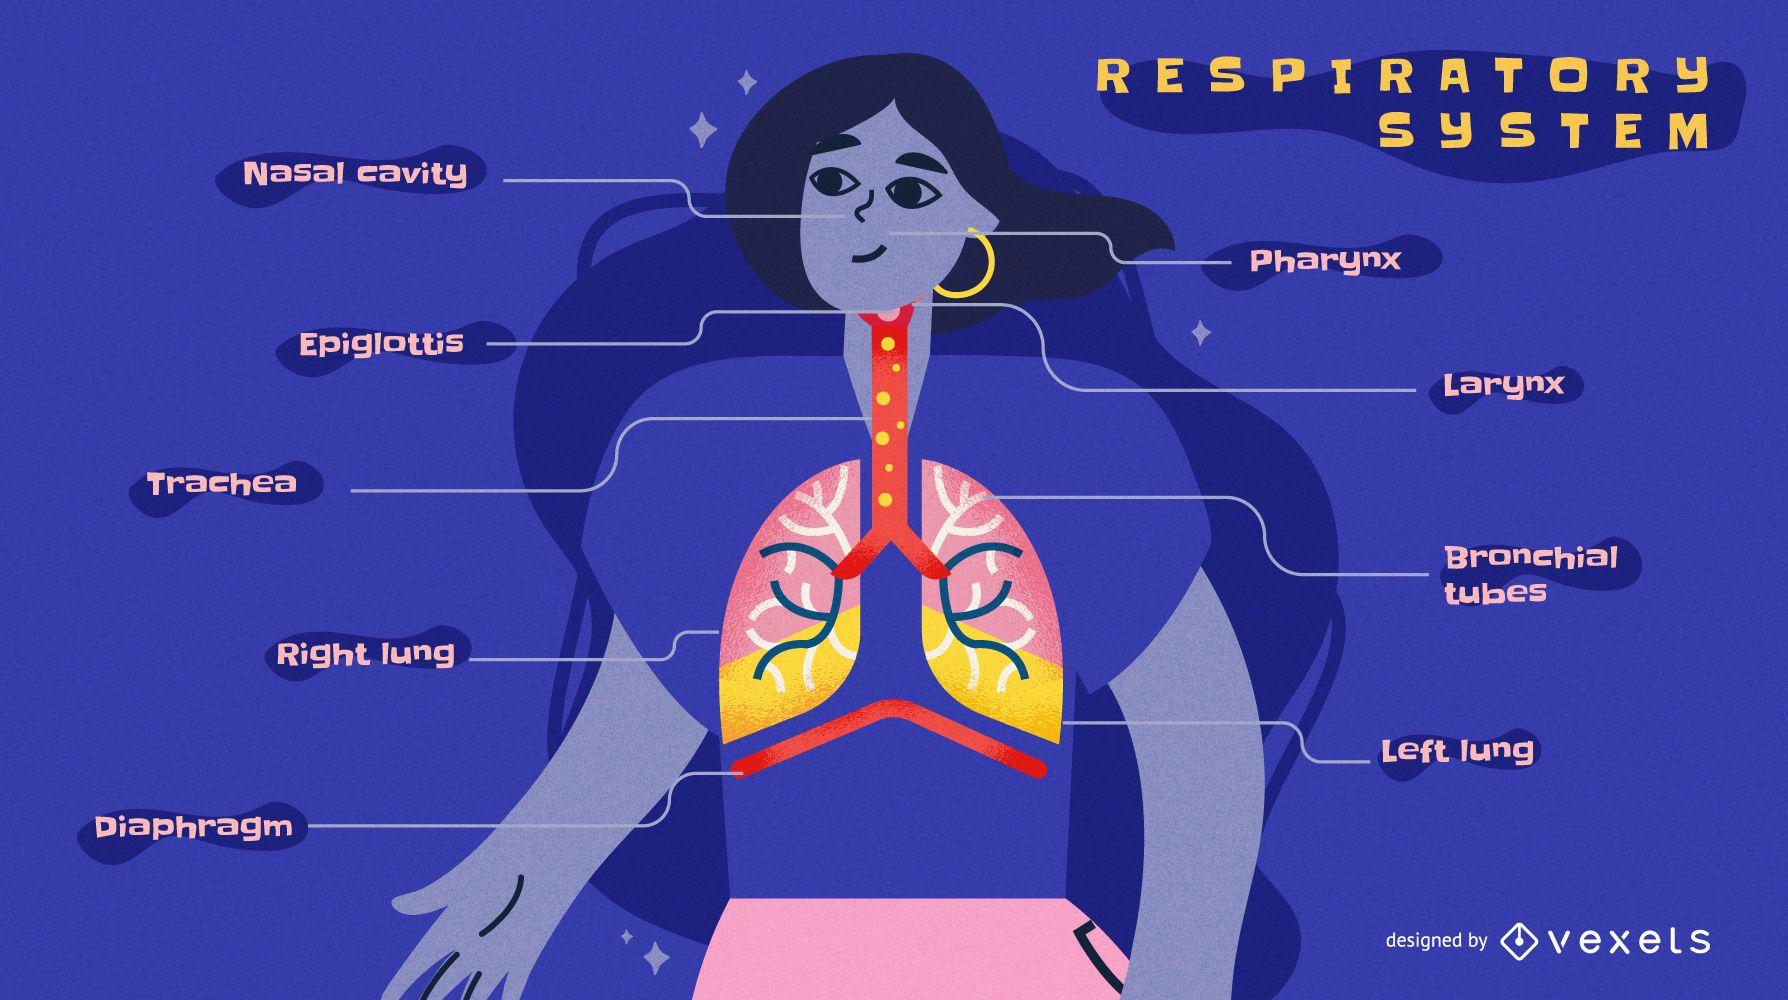 Plantilla de infograf?a del sistema respiratorio